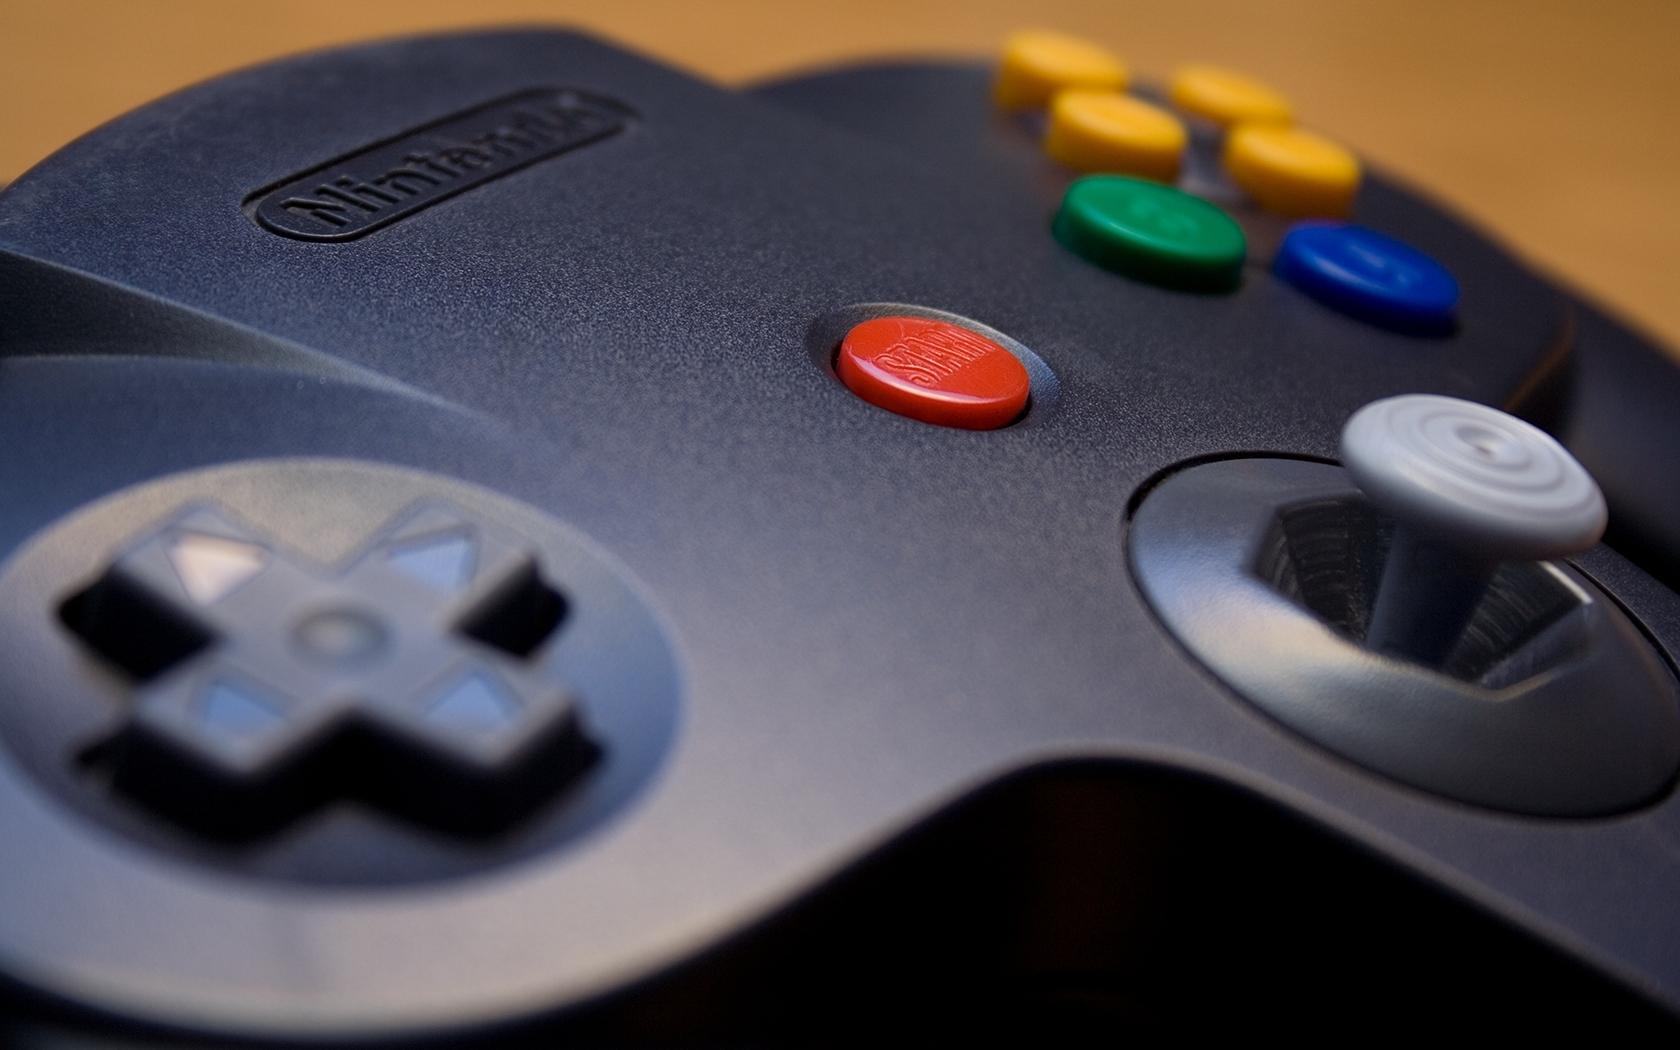 Nintendo 64 Controller Wallpaper 49293 1680x1050px